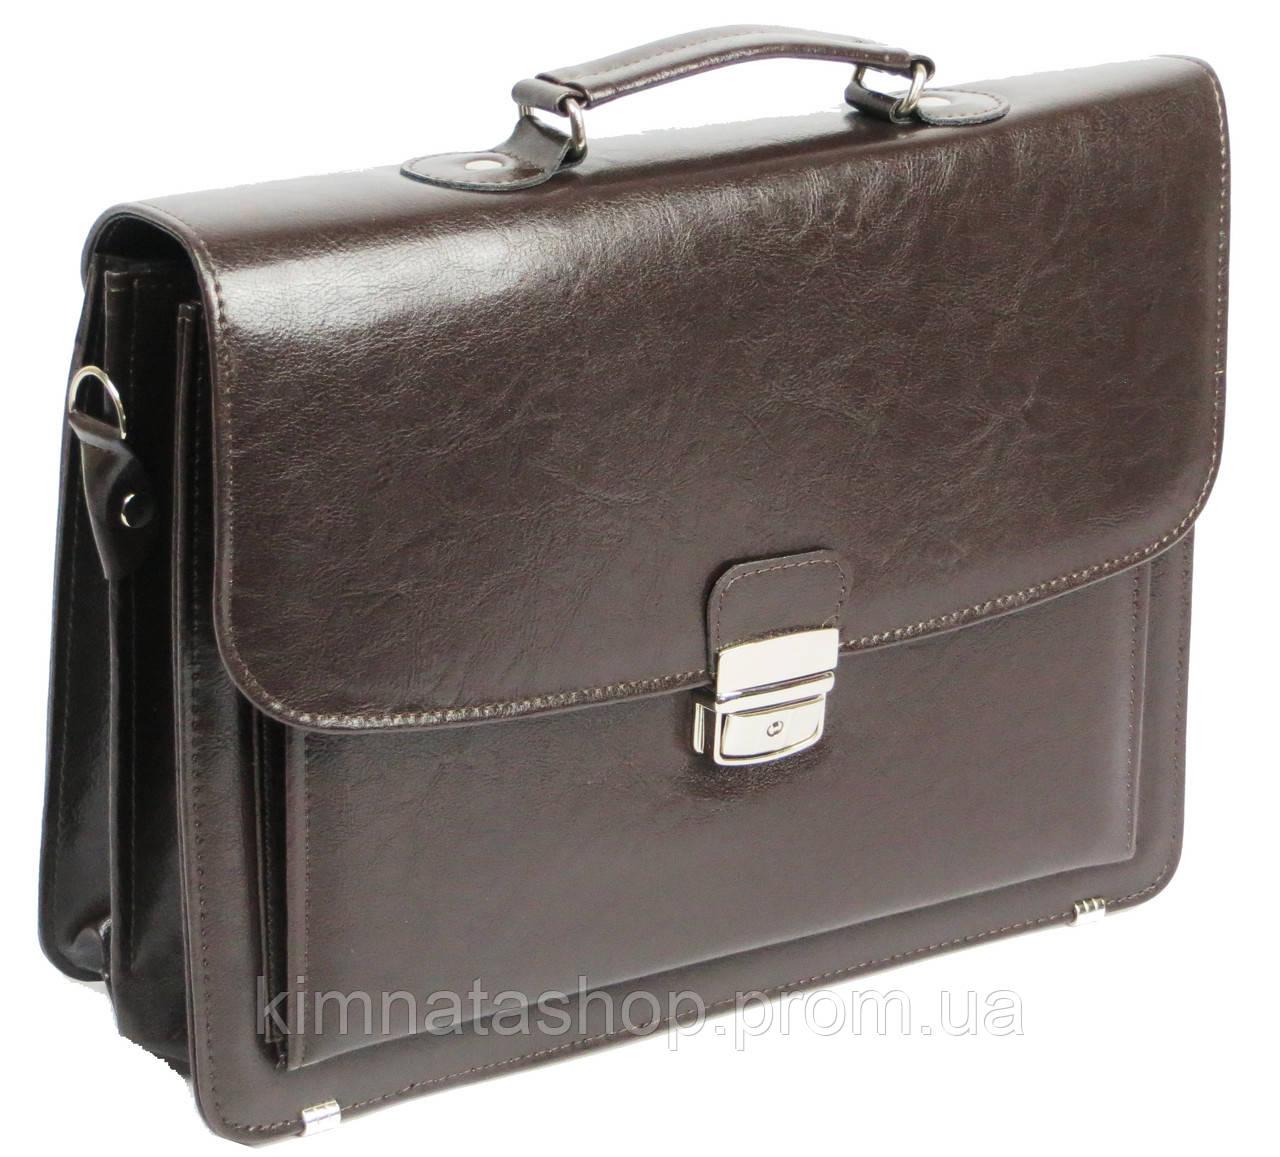 Портфель деловой из искусственной кожи 3 отдела, Jurom Польша 0-38-112 коричневый